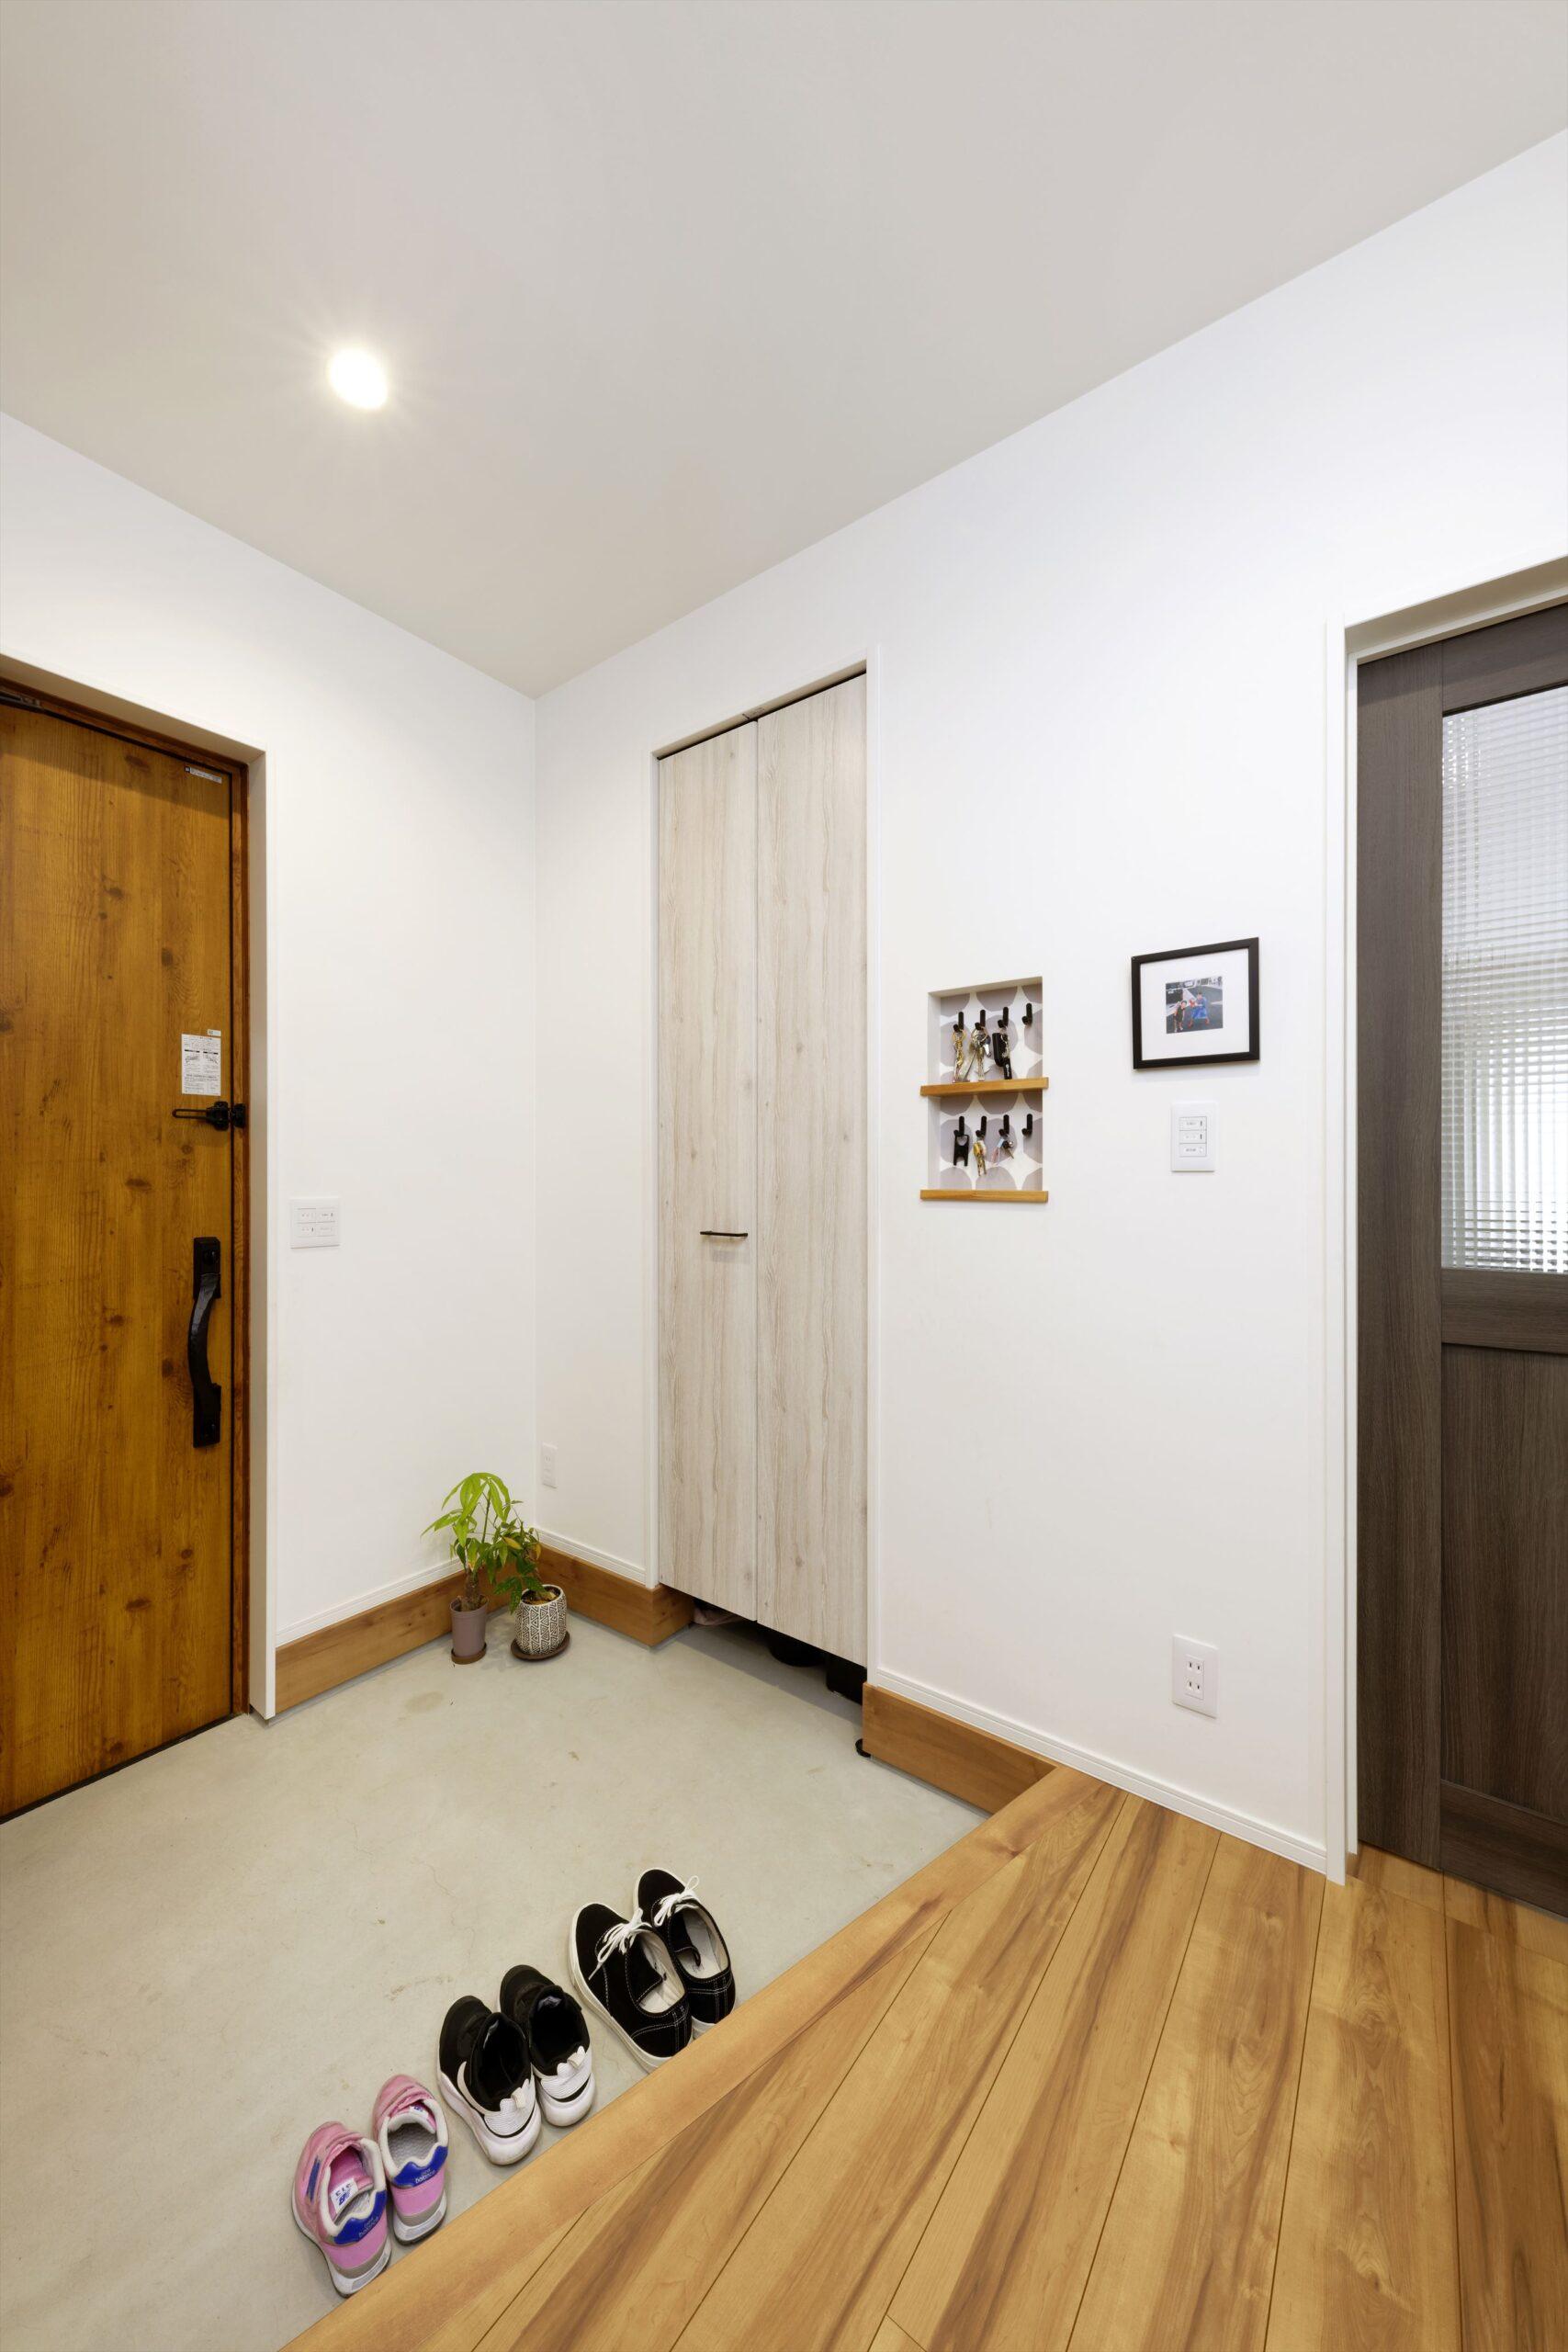 玄関収納には扉を設置。玄関小物もスッキリ収納。